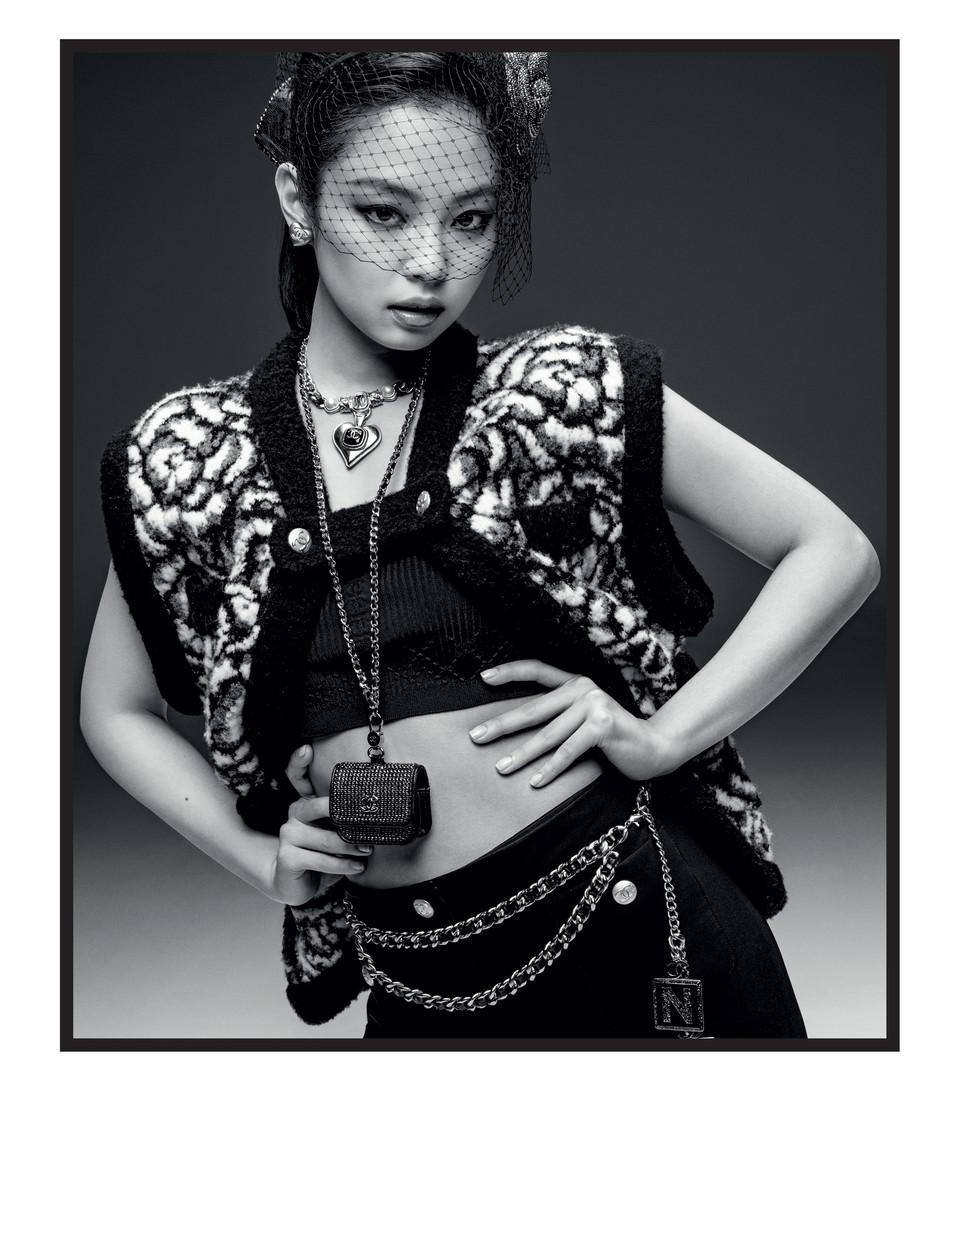 블랙핑크 제니, '포토제닉한 패션아이콘'(화보)